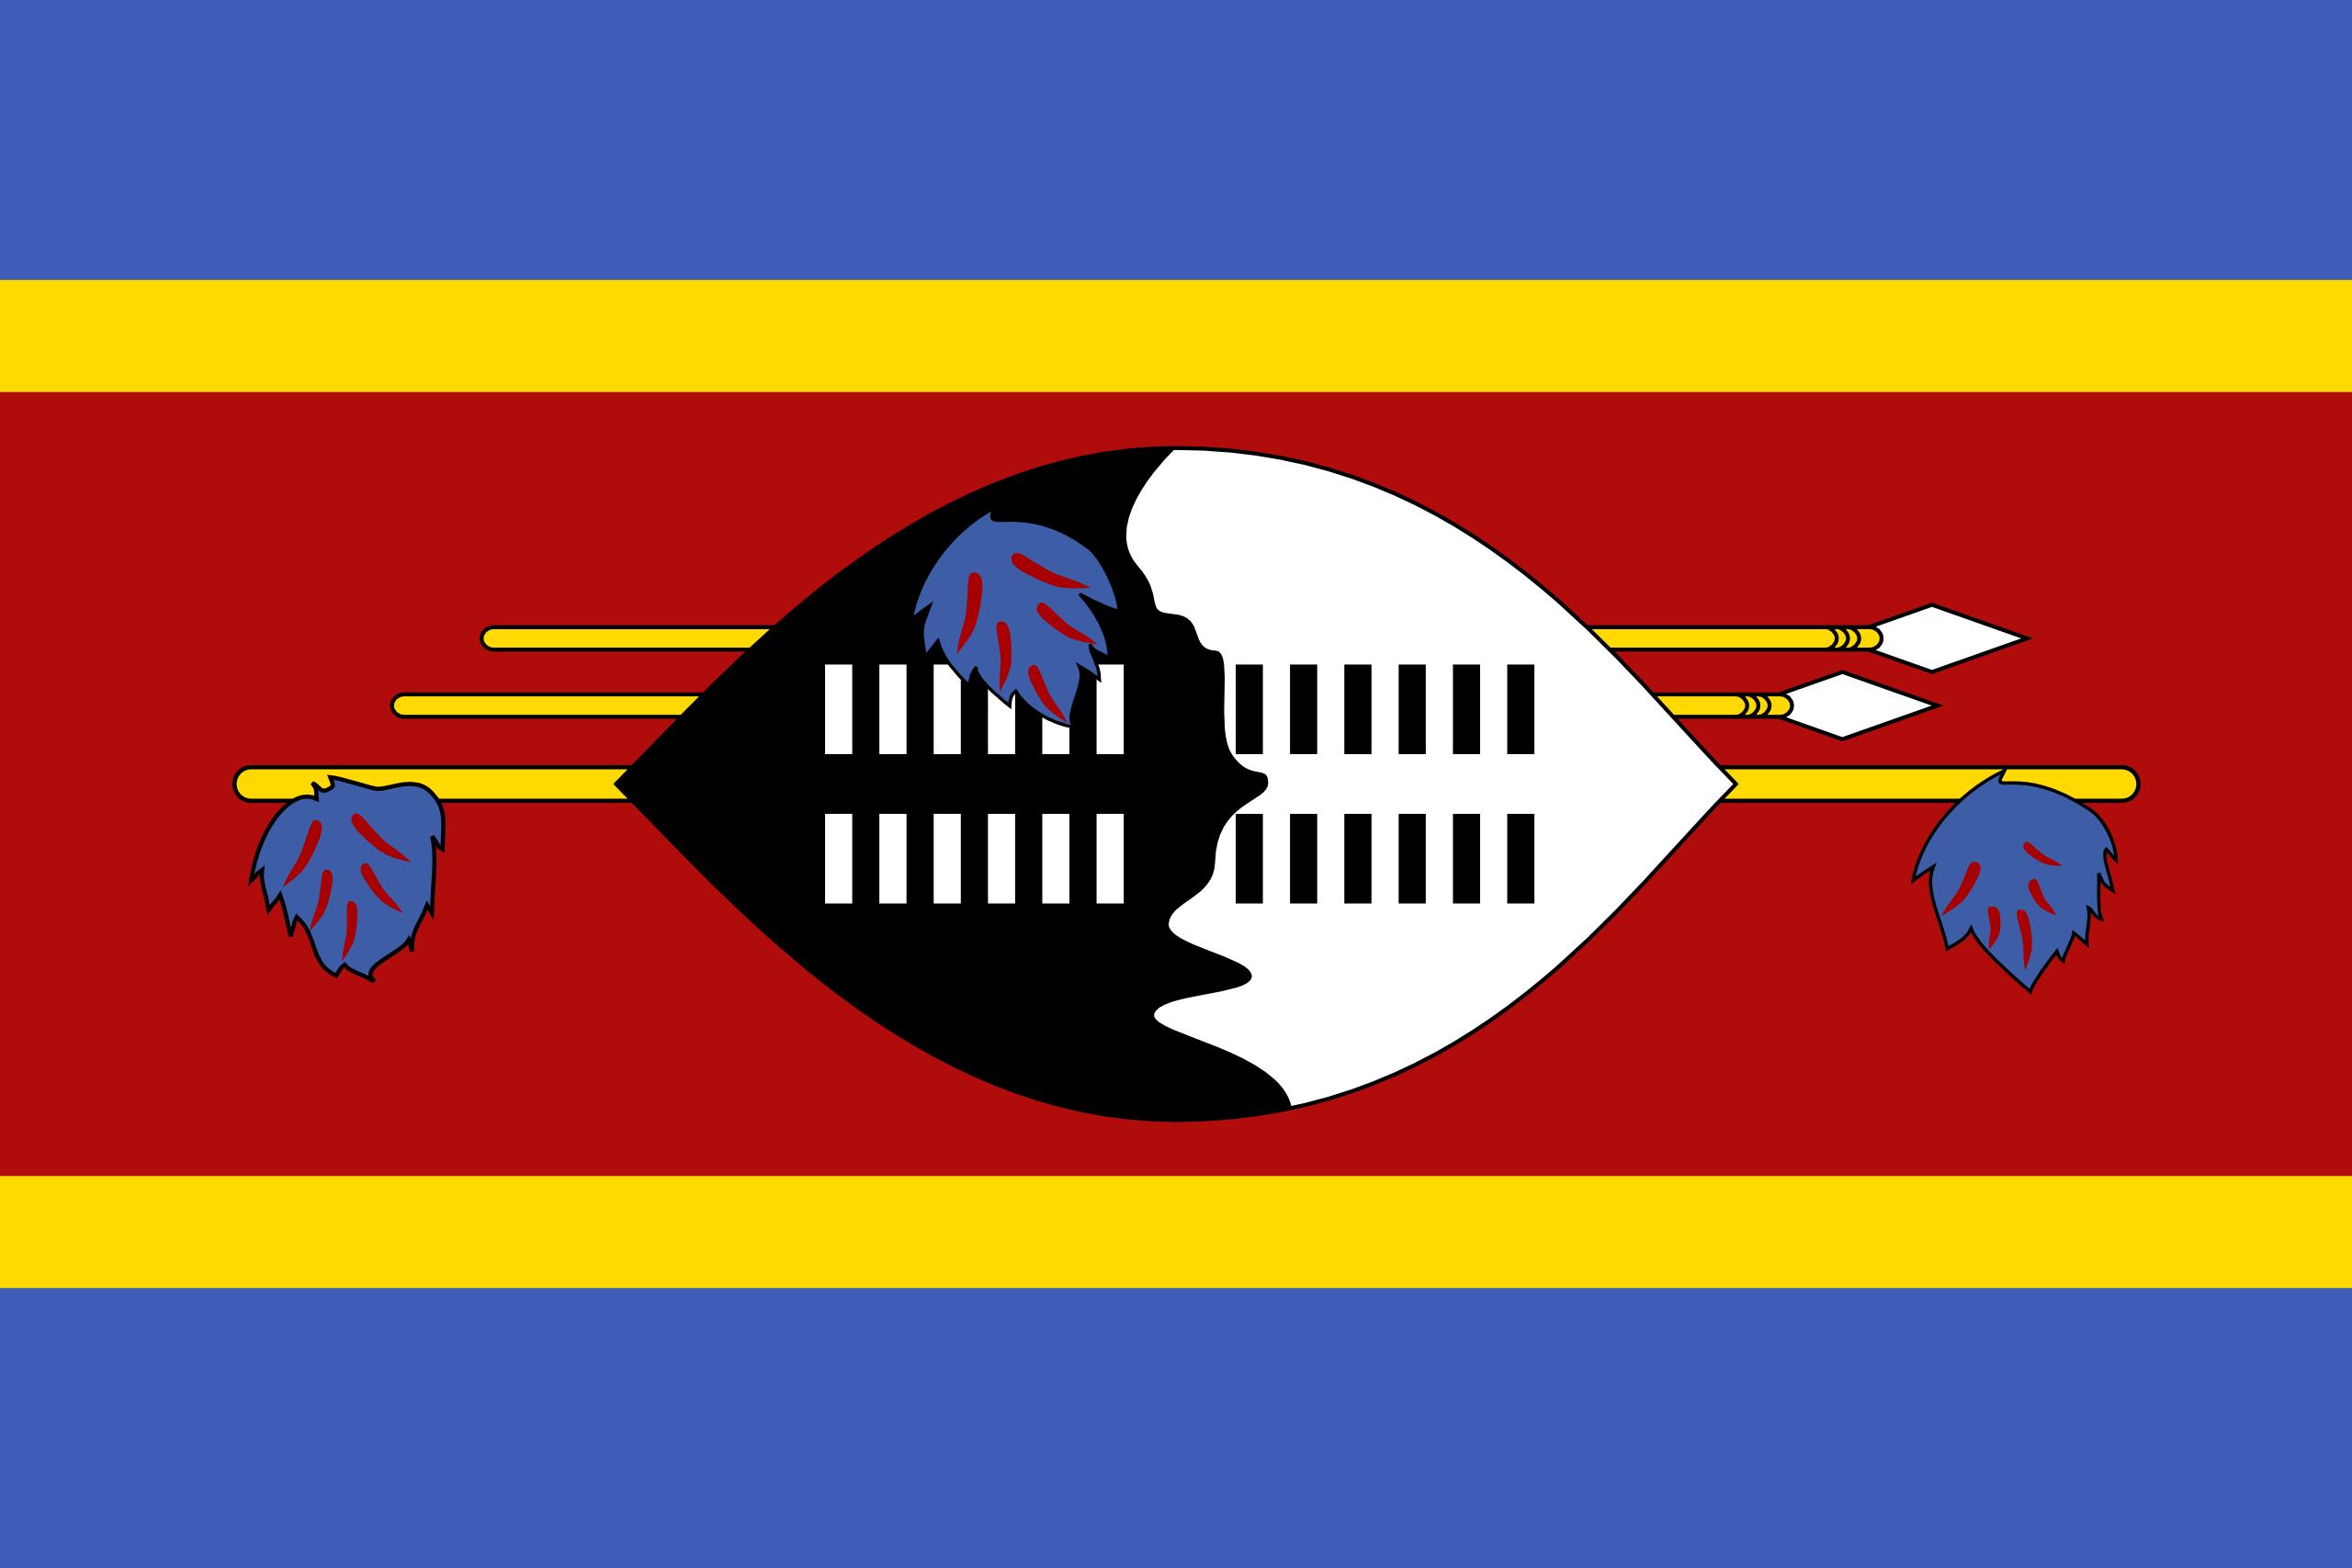 suazilandia, país, emblema, insignia, símbolo - Fondos de Pantalla HD - professor-falken.com